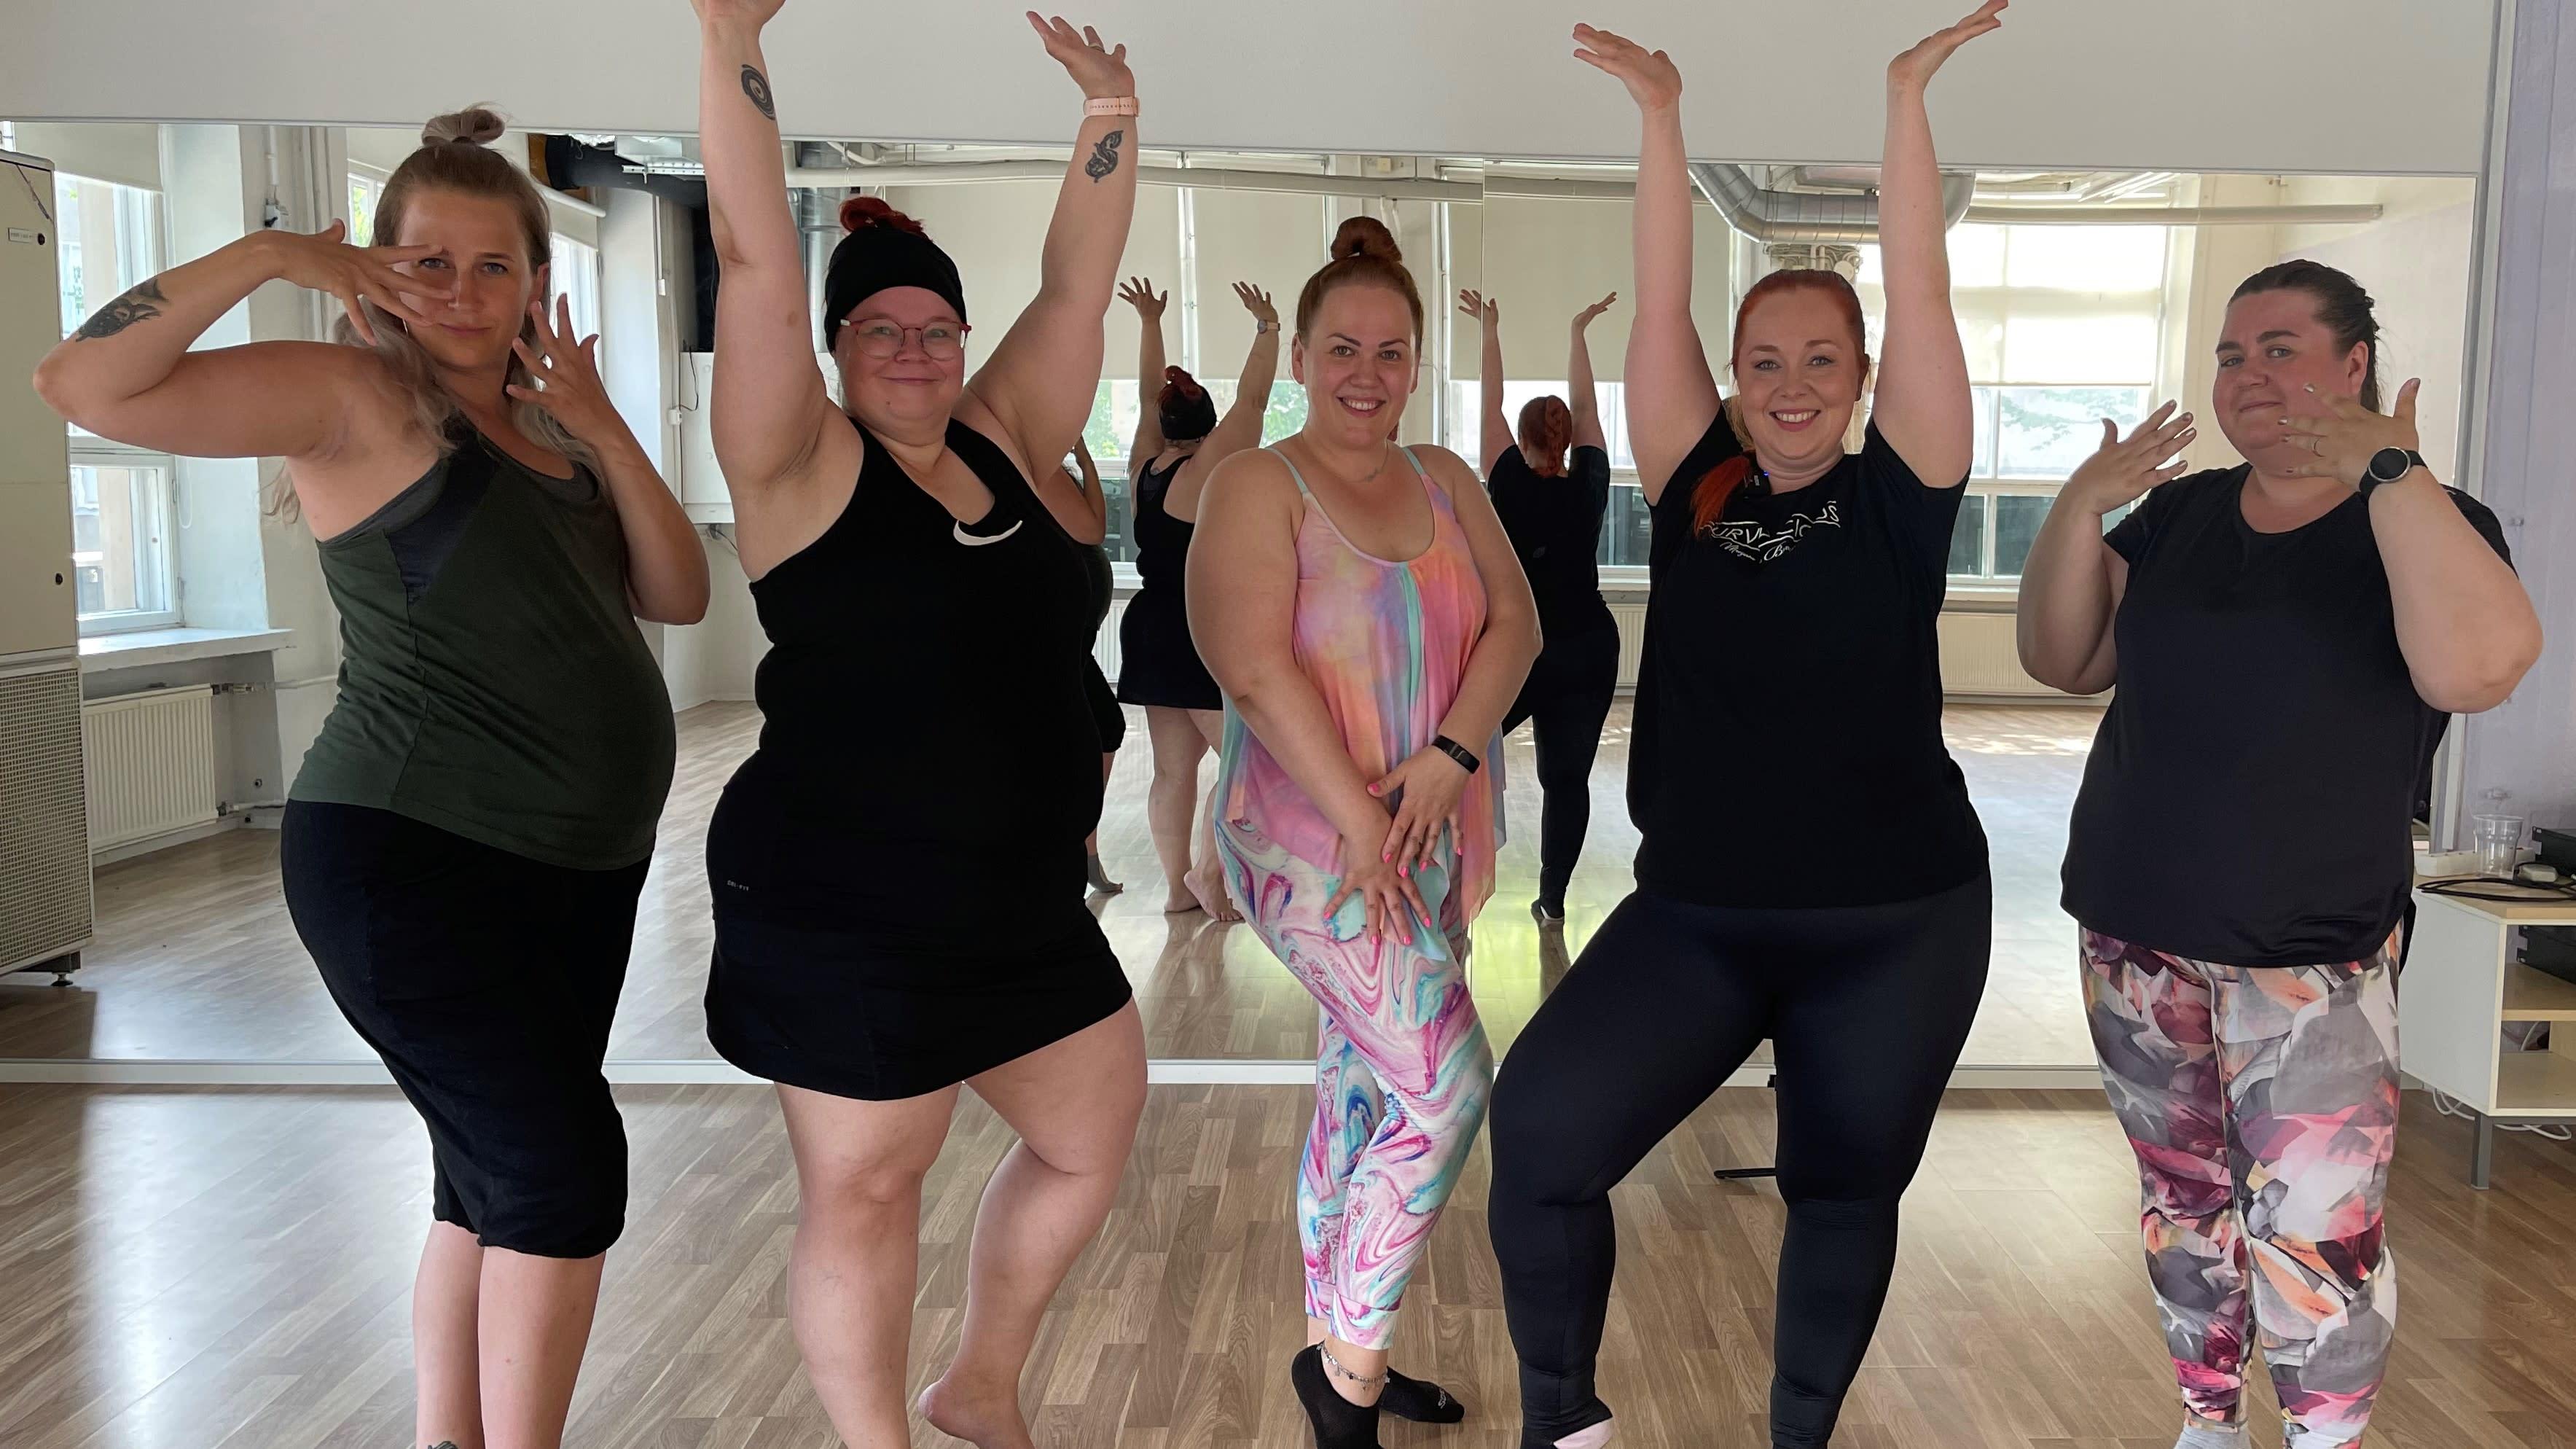 XXL dance -tanssitunnille osallistuneita naisia poseerausasennoissa.